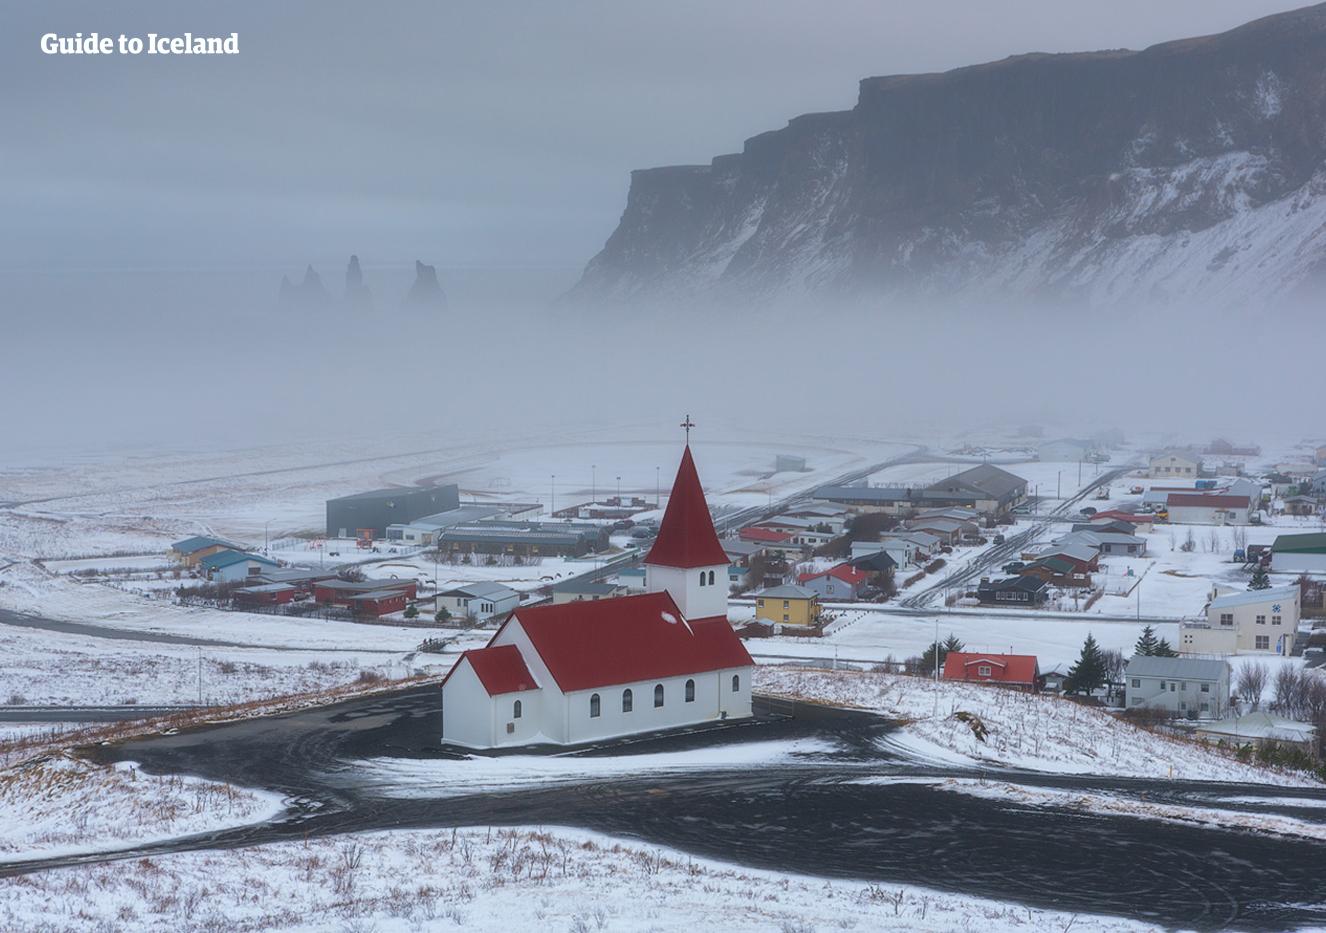 13 dni, samodzielna podróż | Zimowa wycieczka dookoła Islandii i Snaefellsnes - day 9